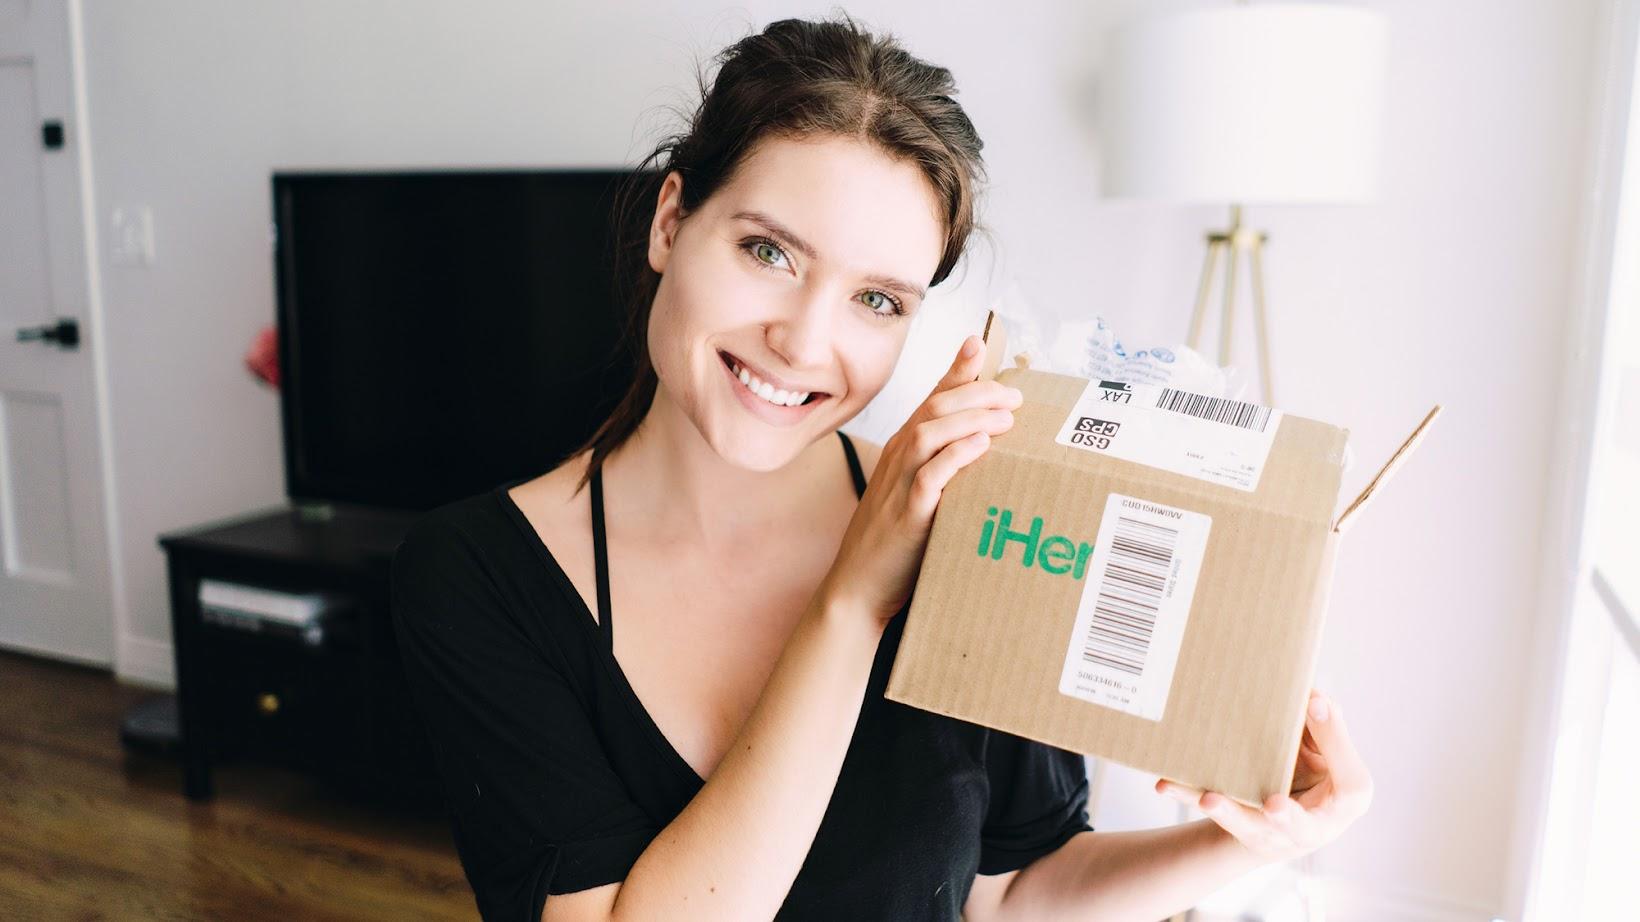 Produkty, do których wracam + Ekscytujące Nowości | Co warto kupić na iHerb?